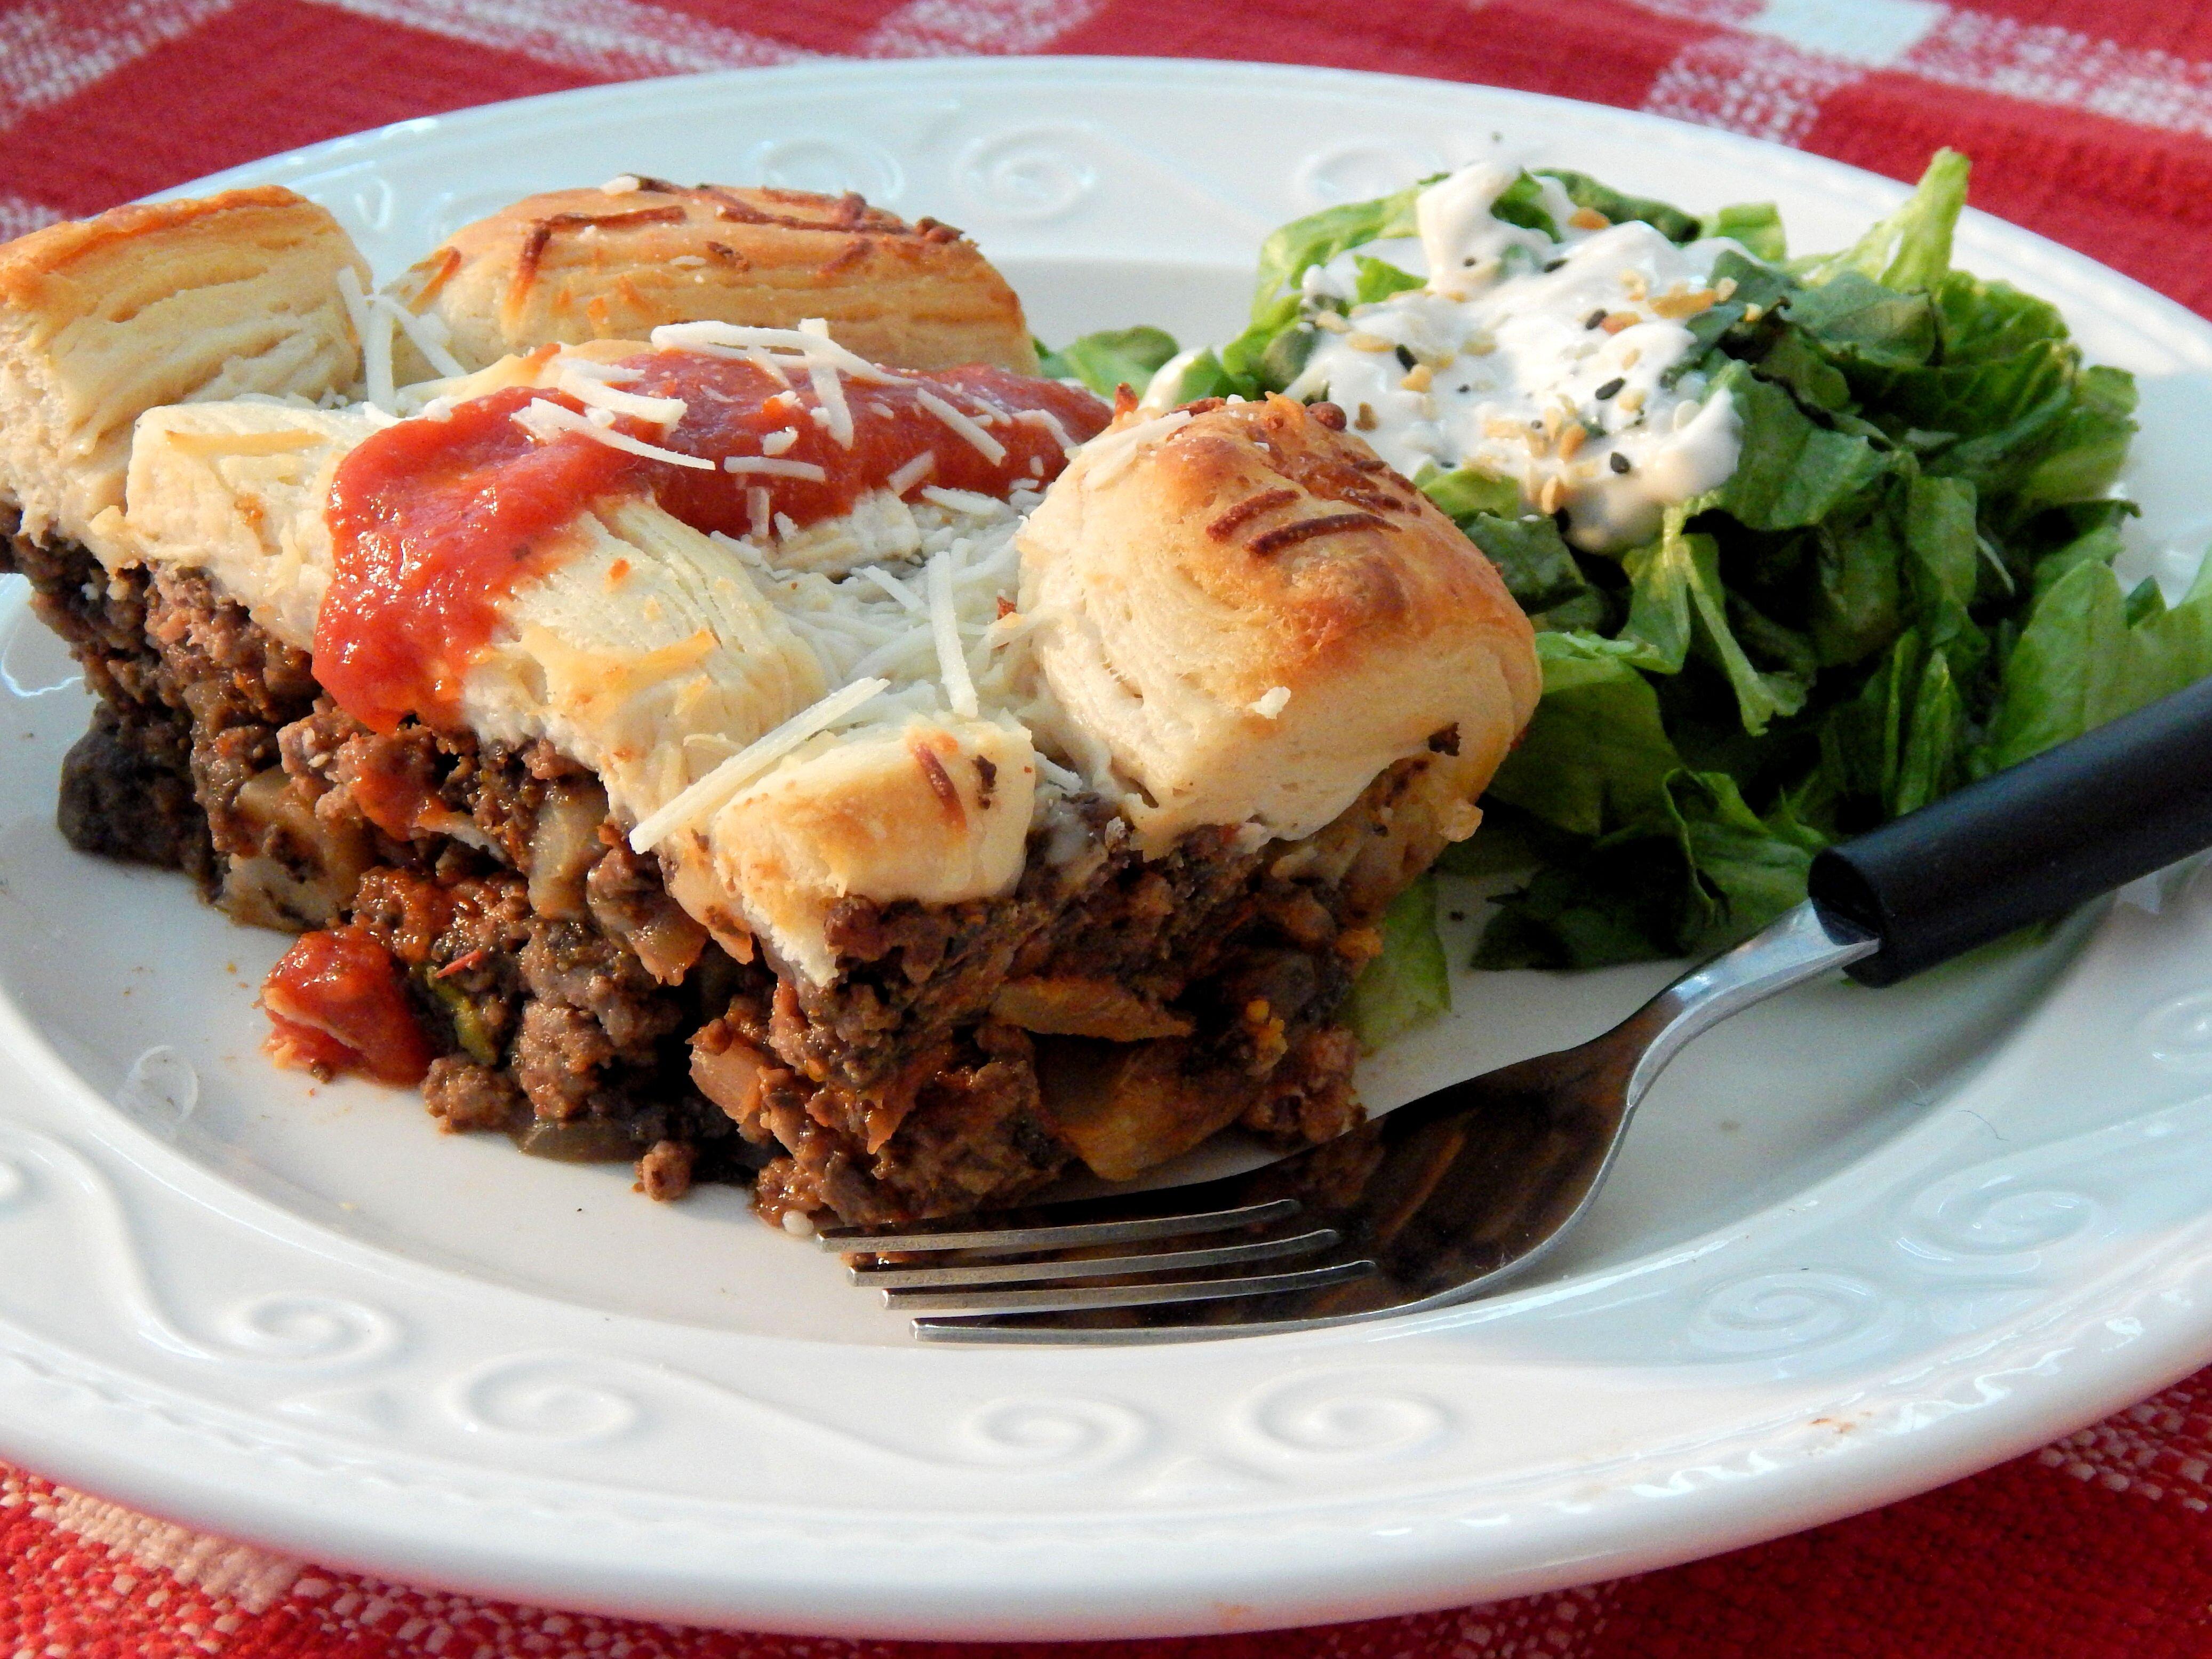 easy upside down pizza casserole recipe